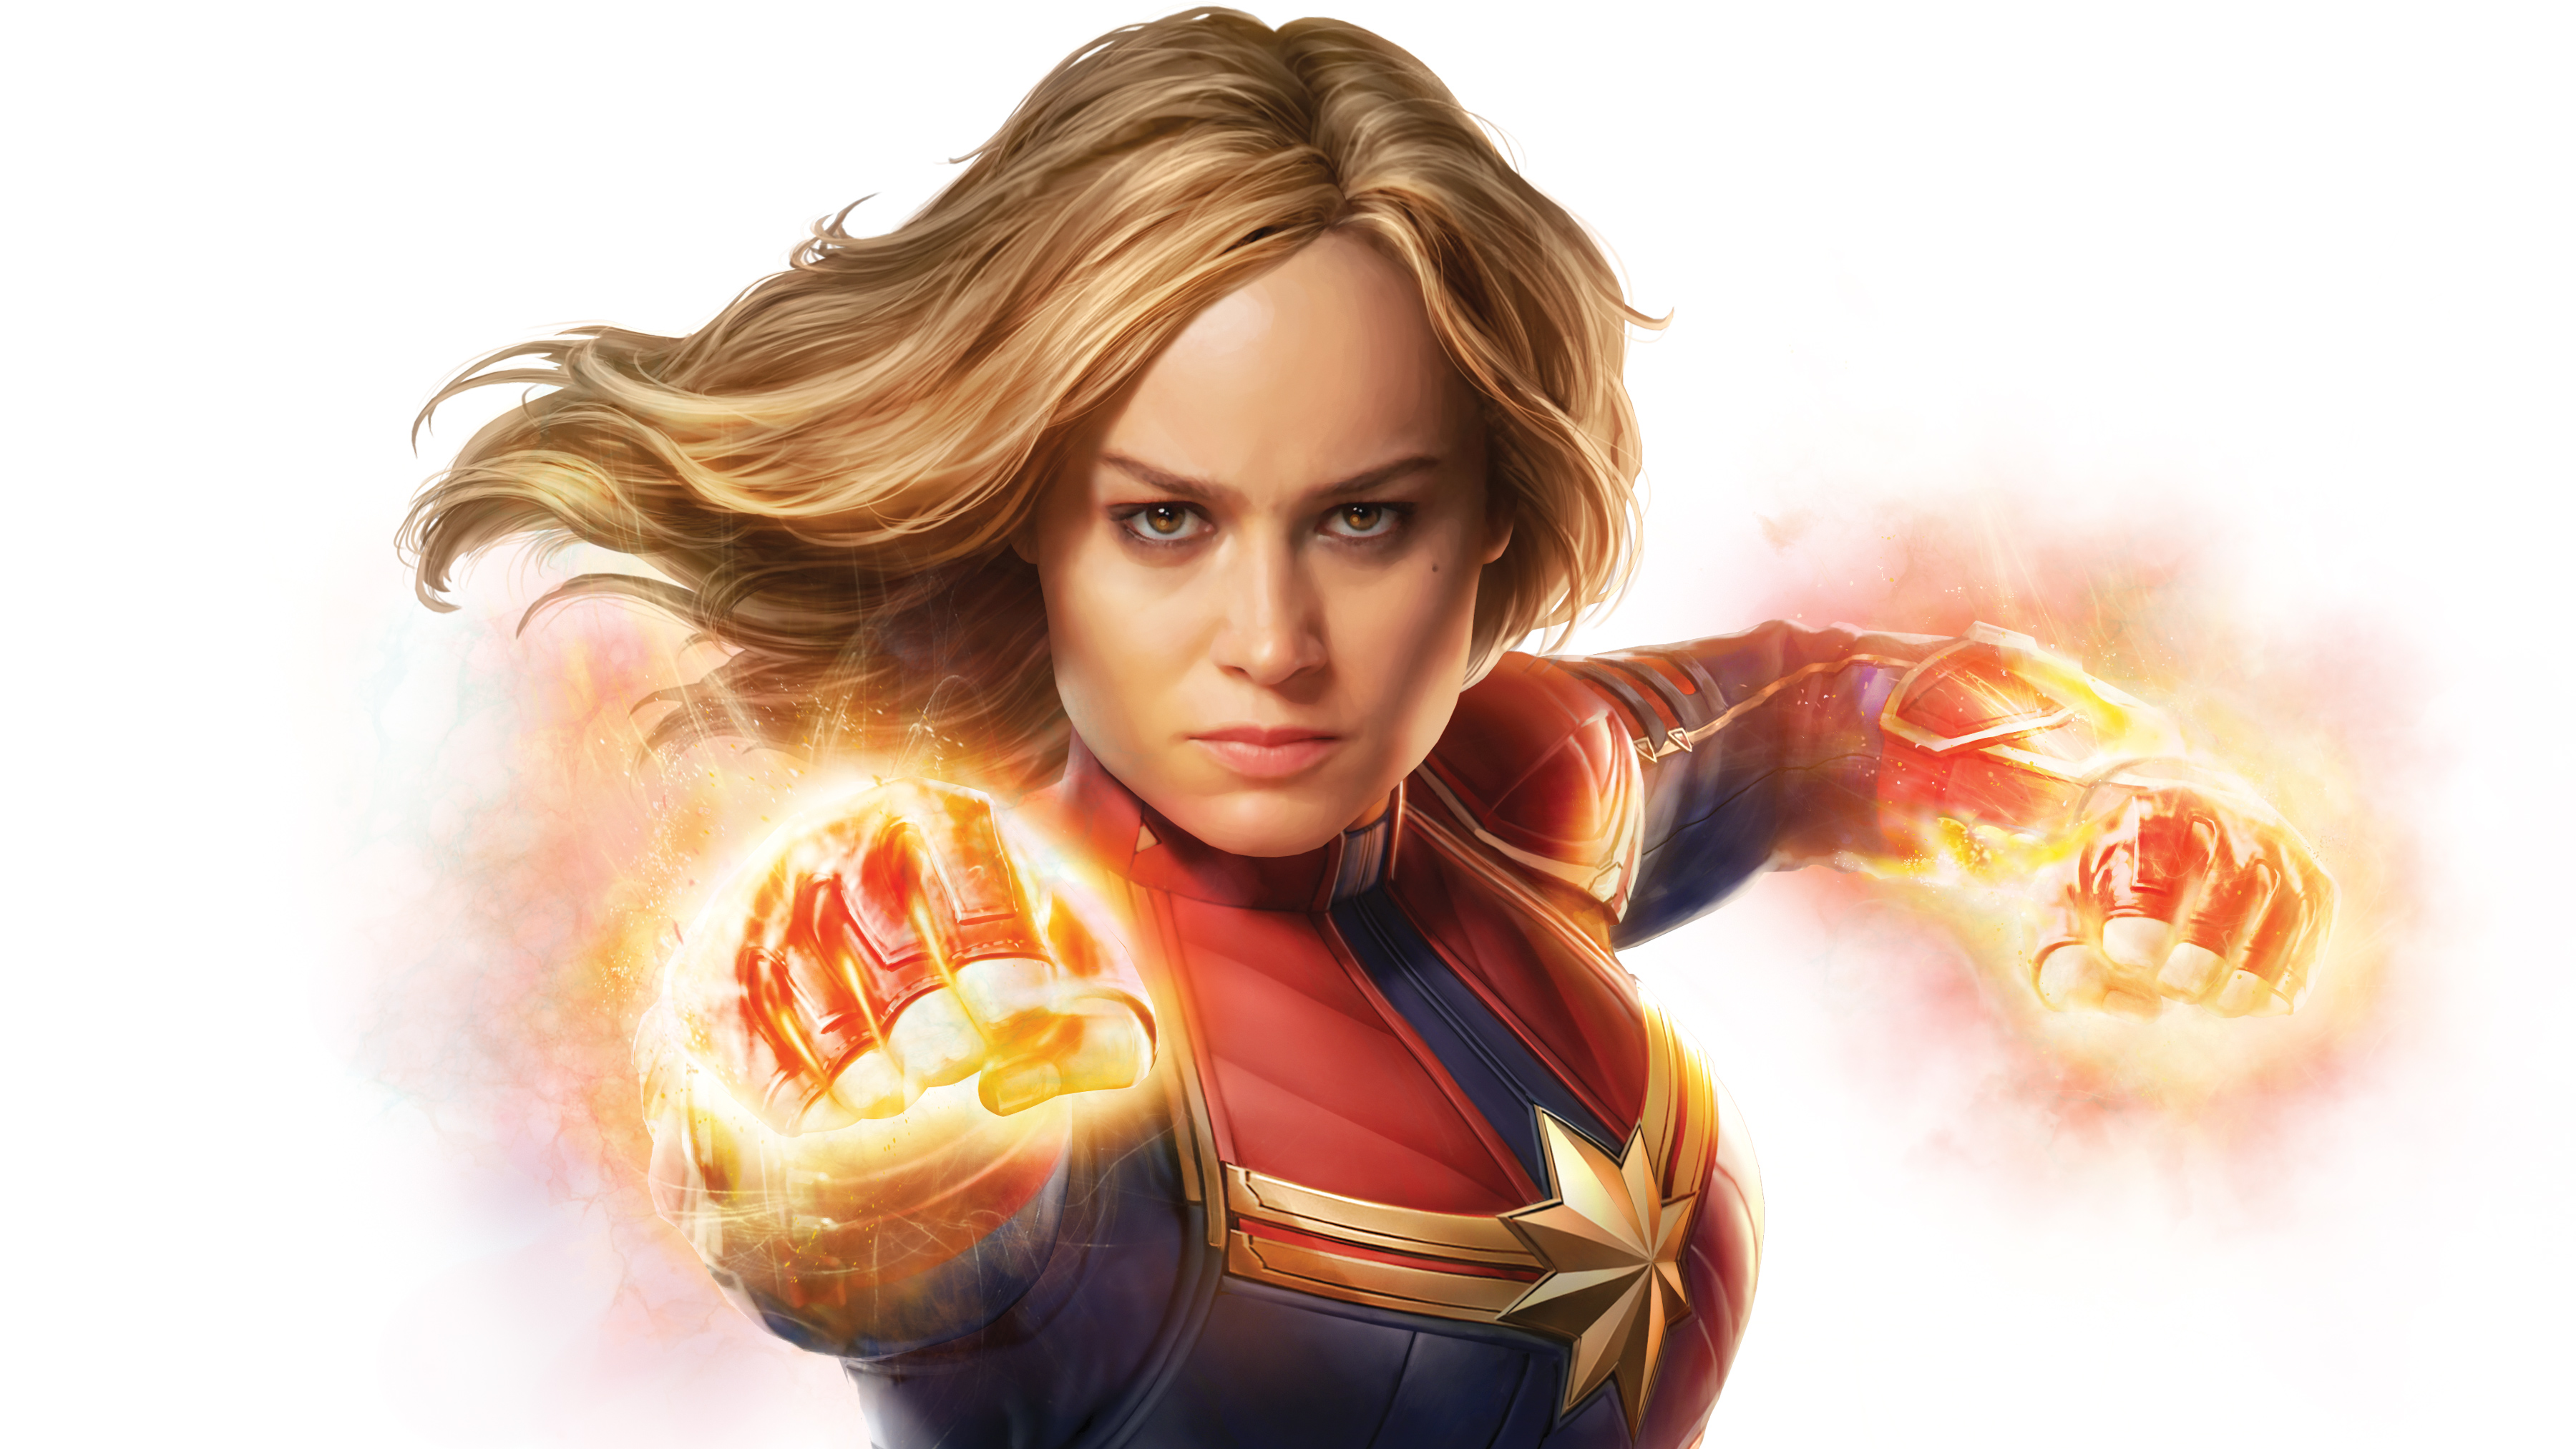 Ảnh nữ chiến binh Captain Marvel đẹp